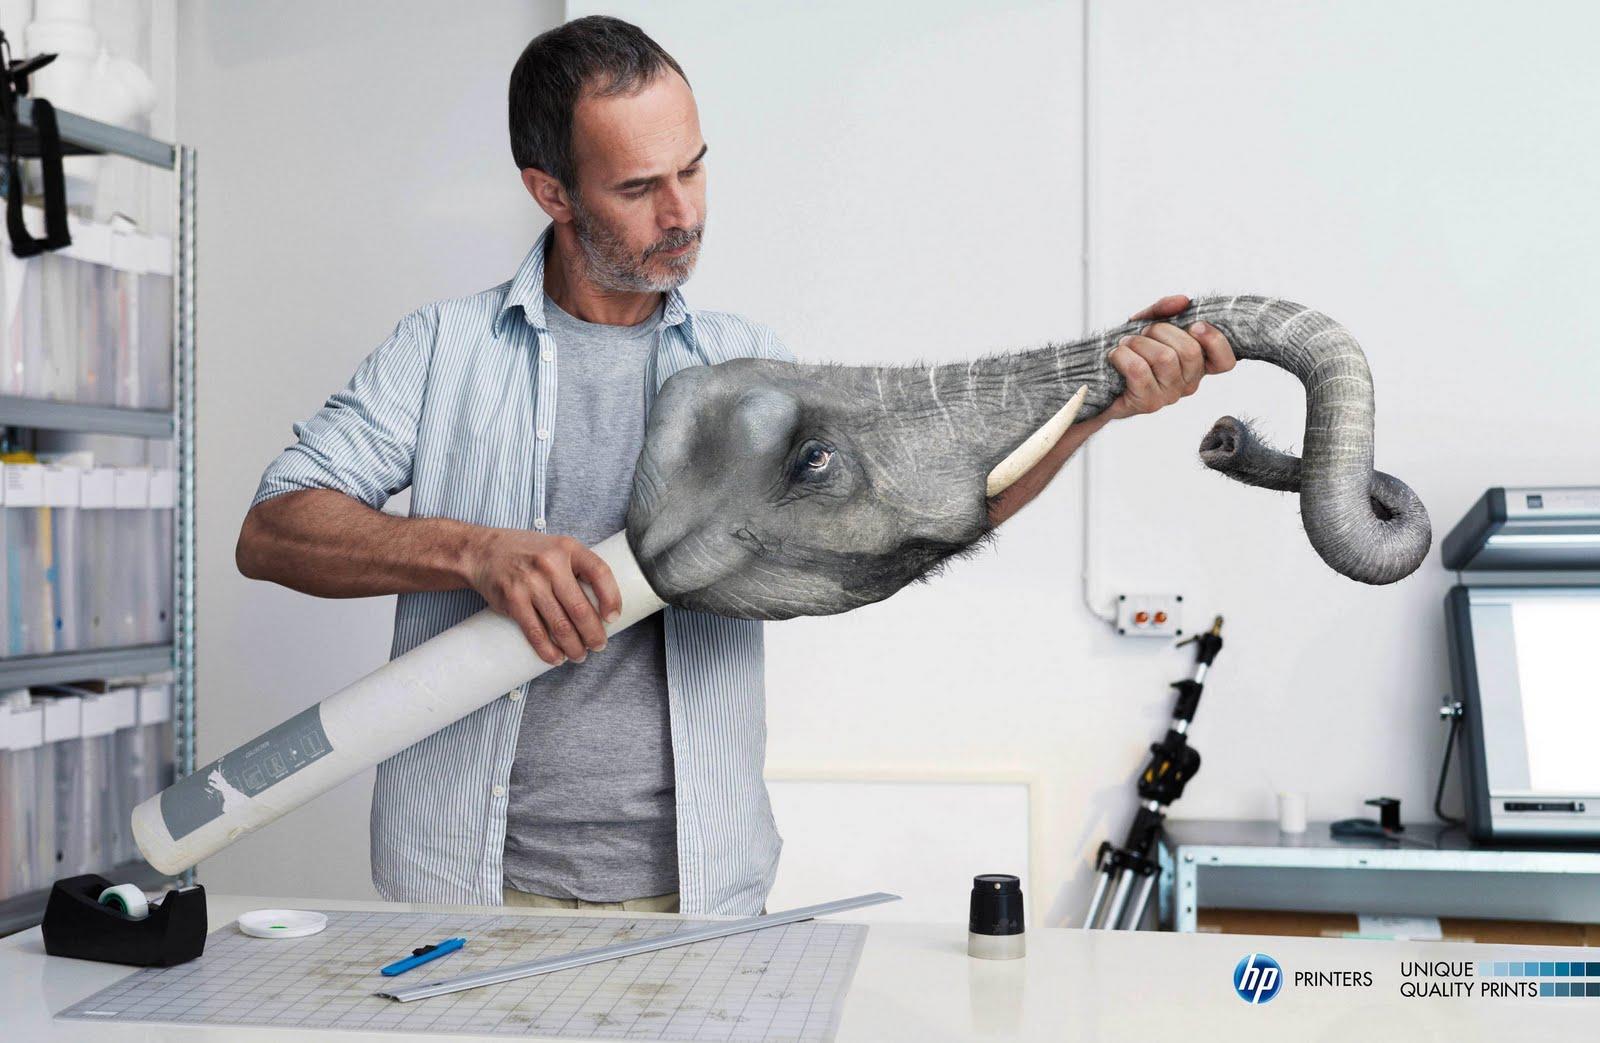 http://3.bp.blogspot.com/_42nL05s3A-8/S-hQcqcmgEI/AAAAAAAACmI/GkoGveYjSy4/s1600/hp-elephant.jpg